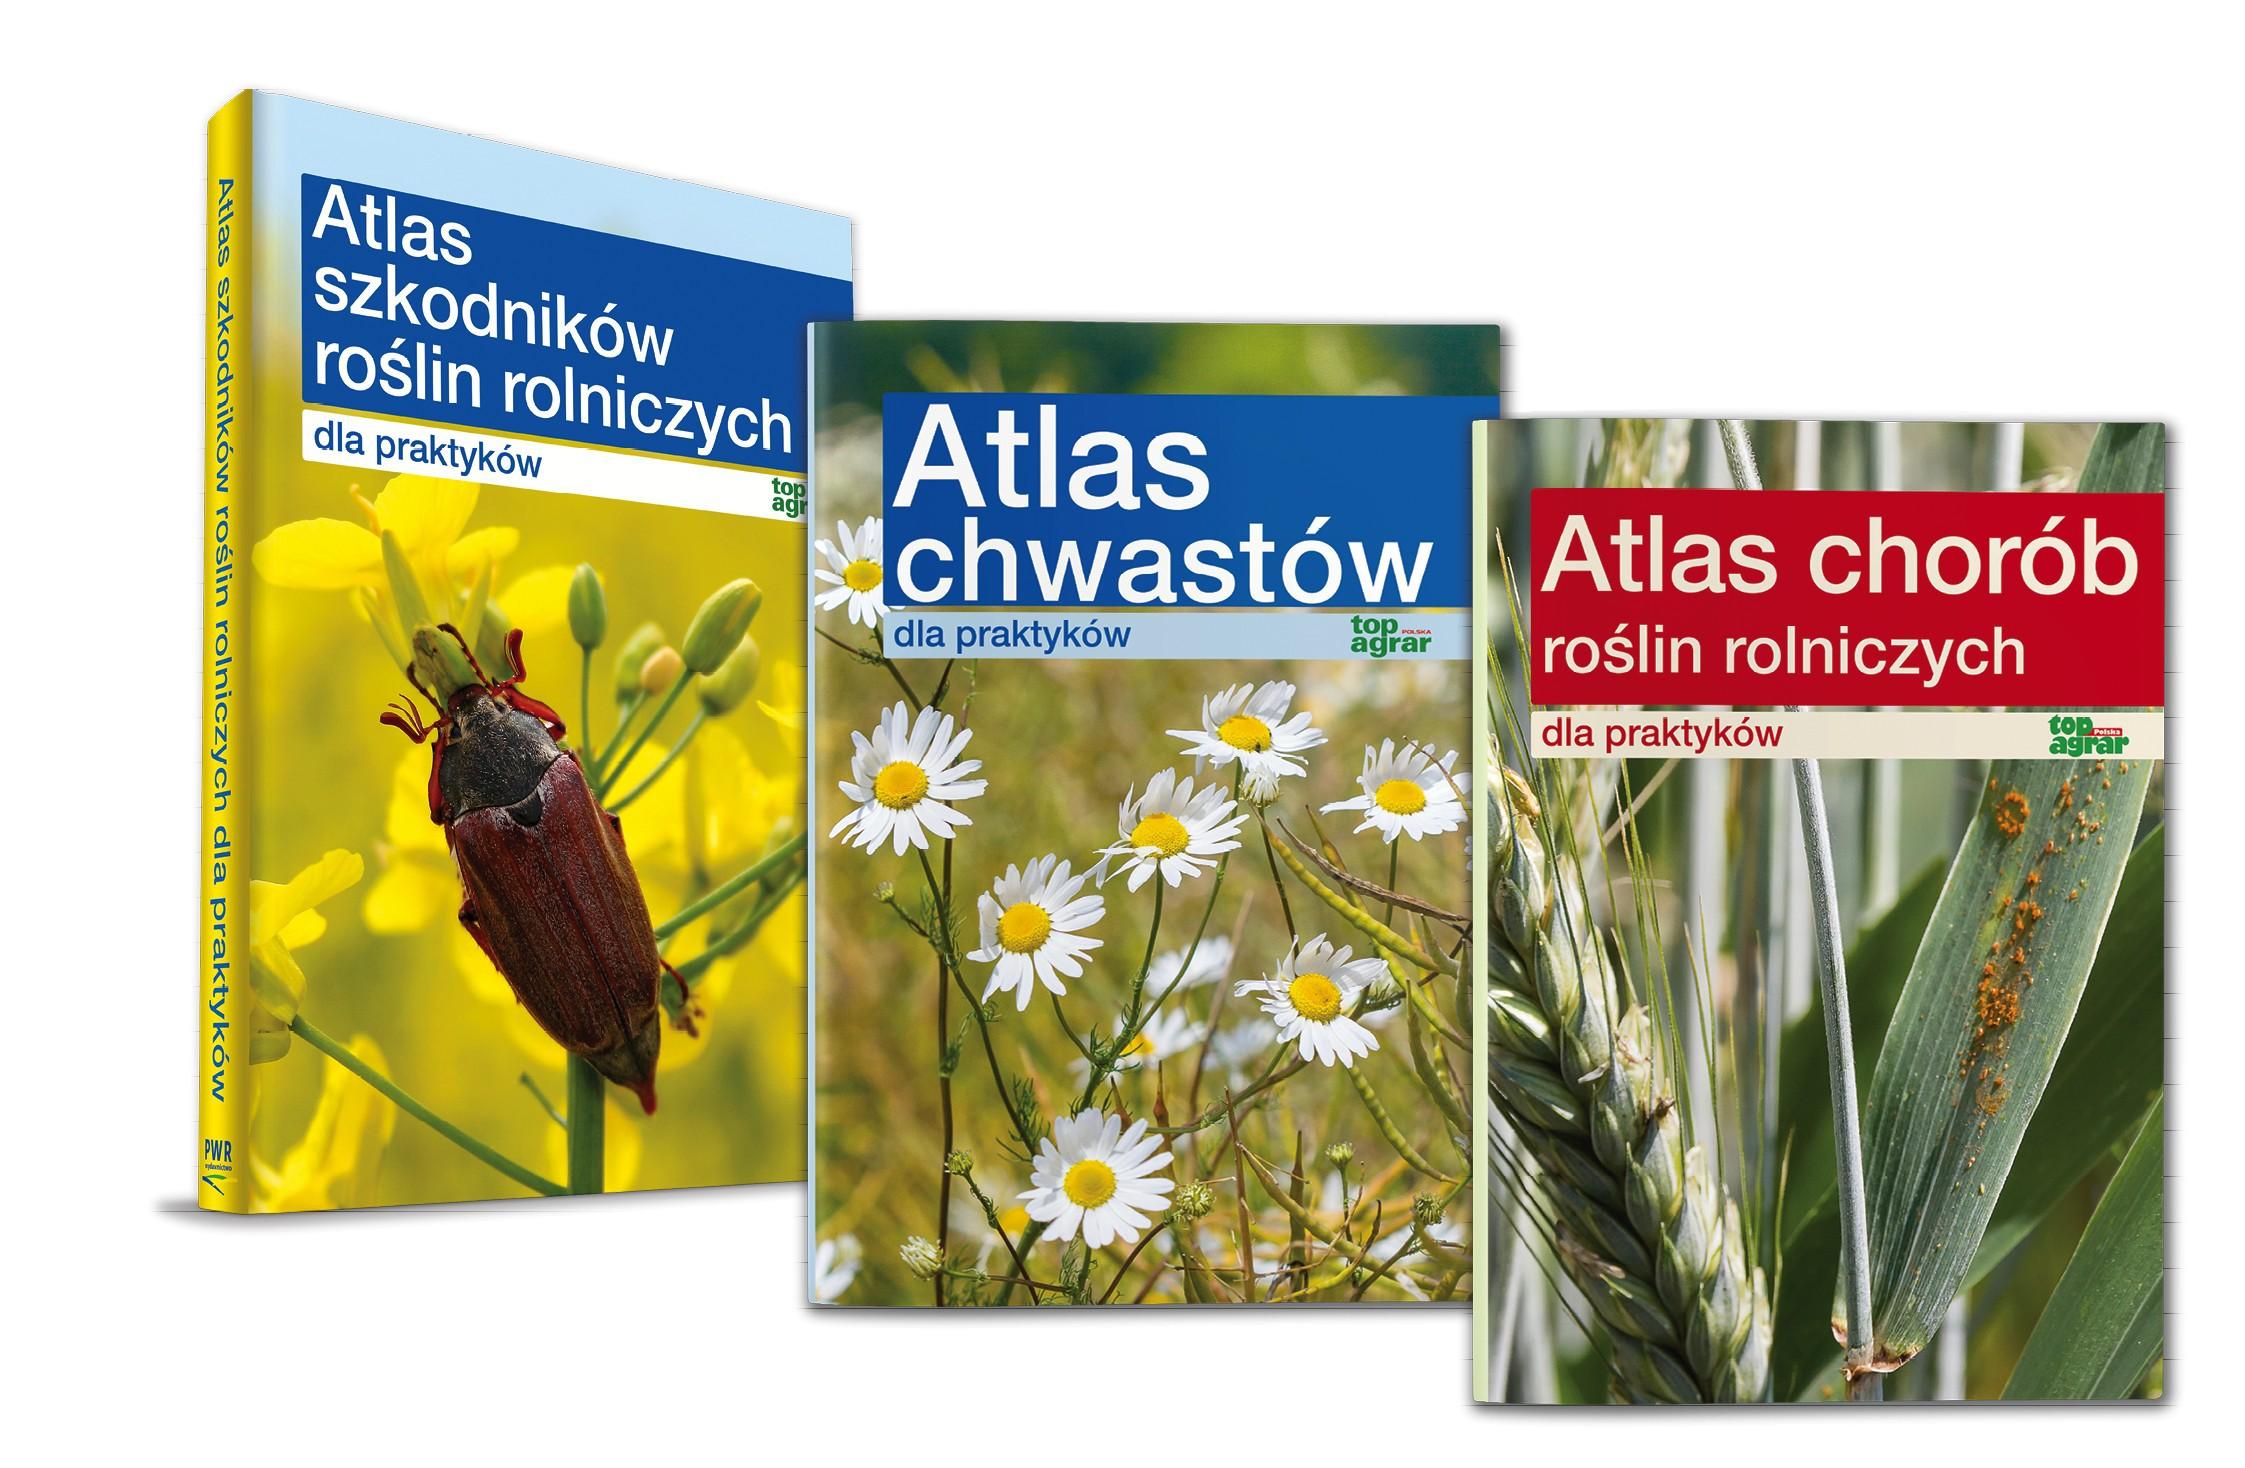 Pakiet: Atlas chwastów + Atlas szkodników + Atlas chorób